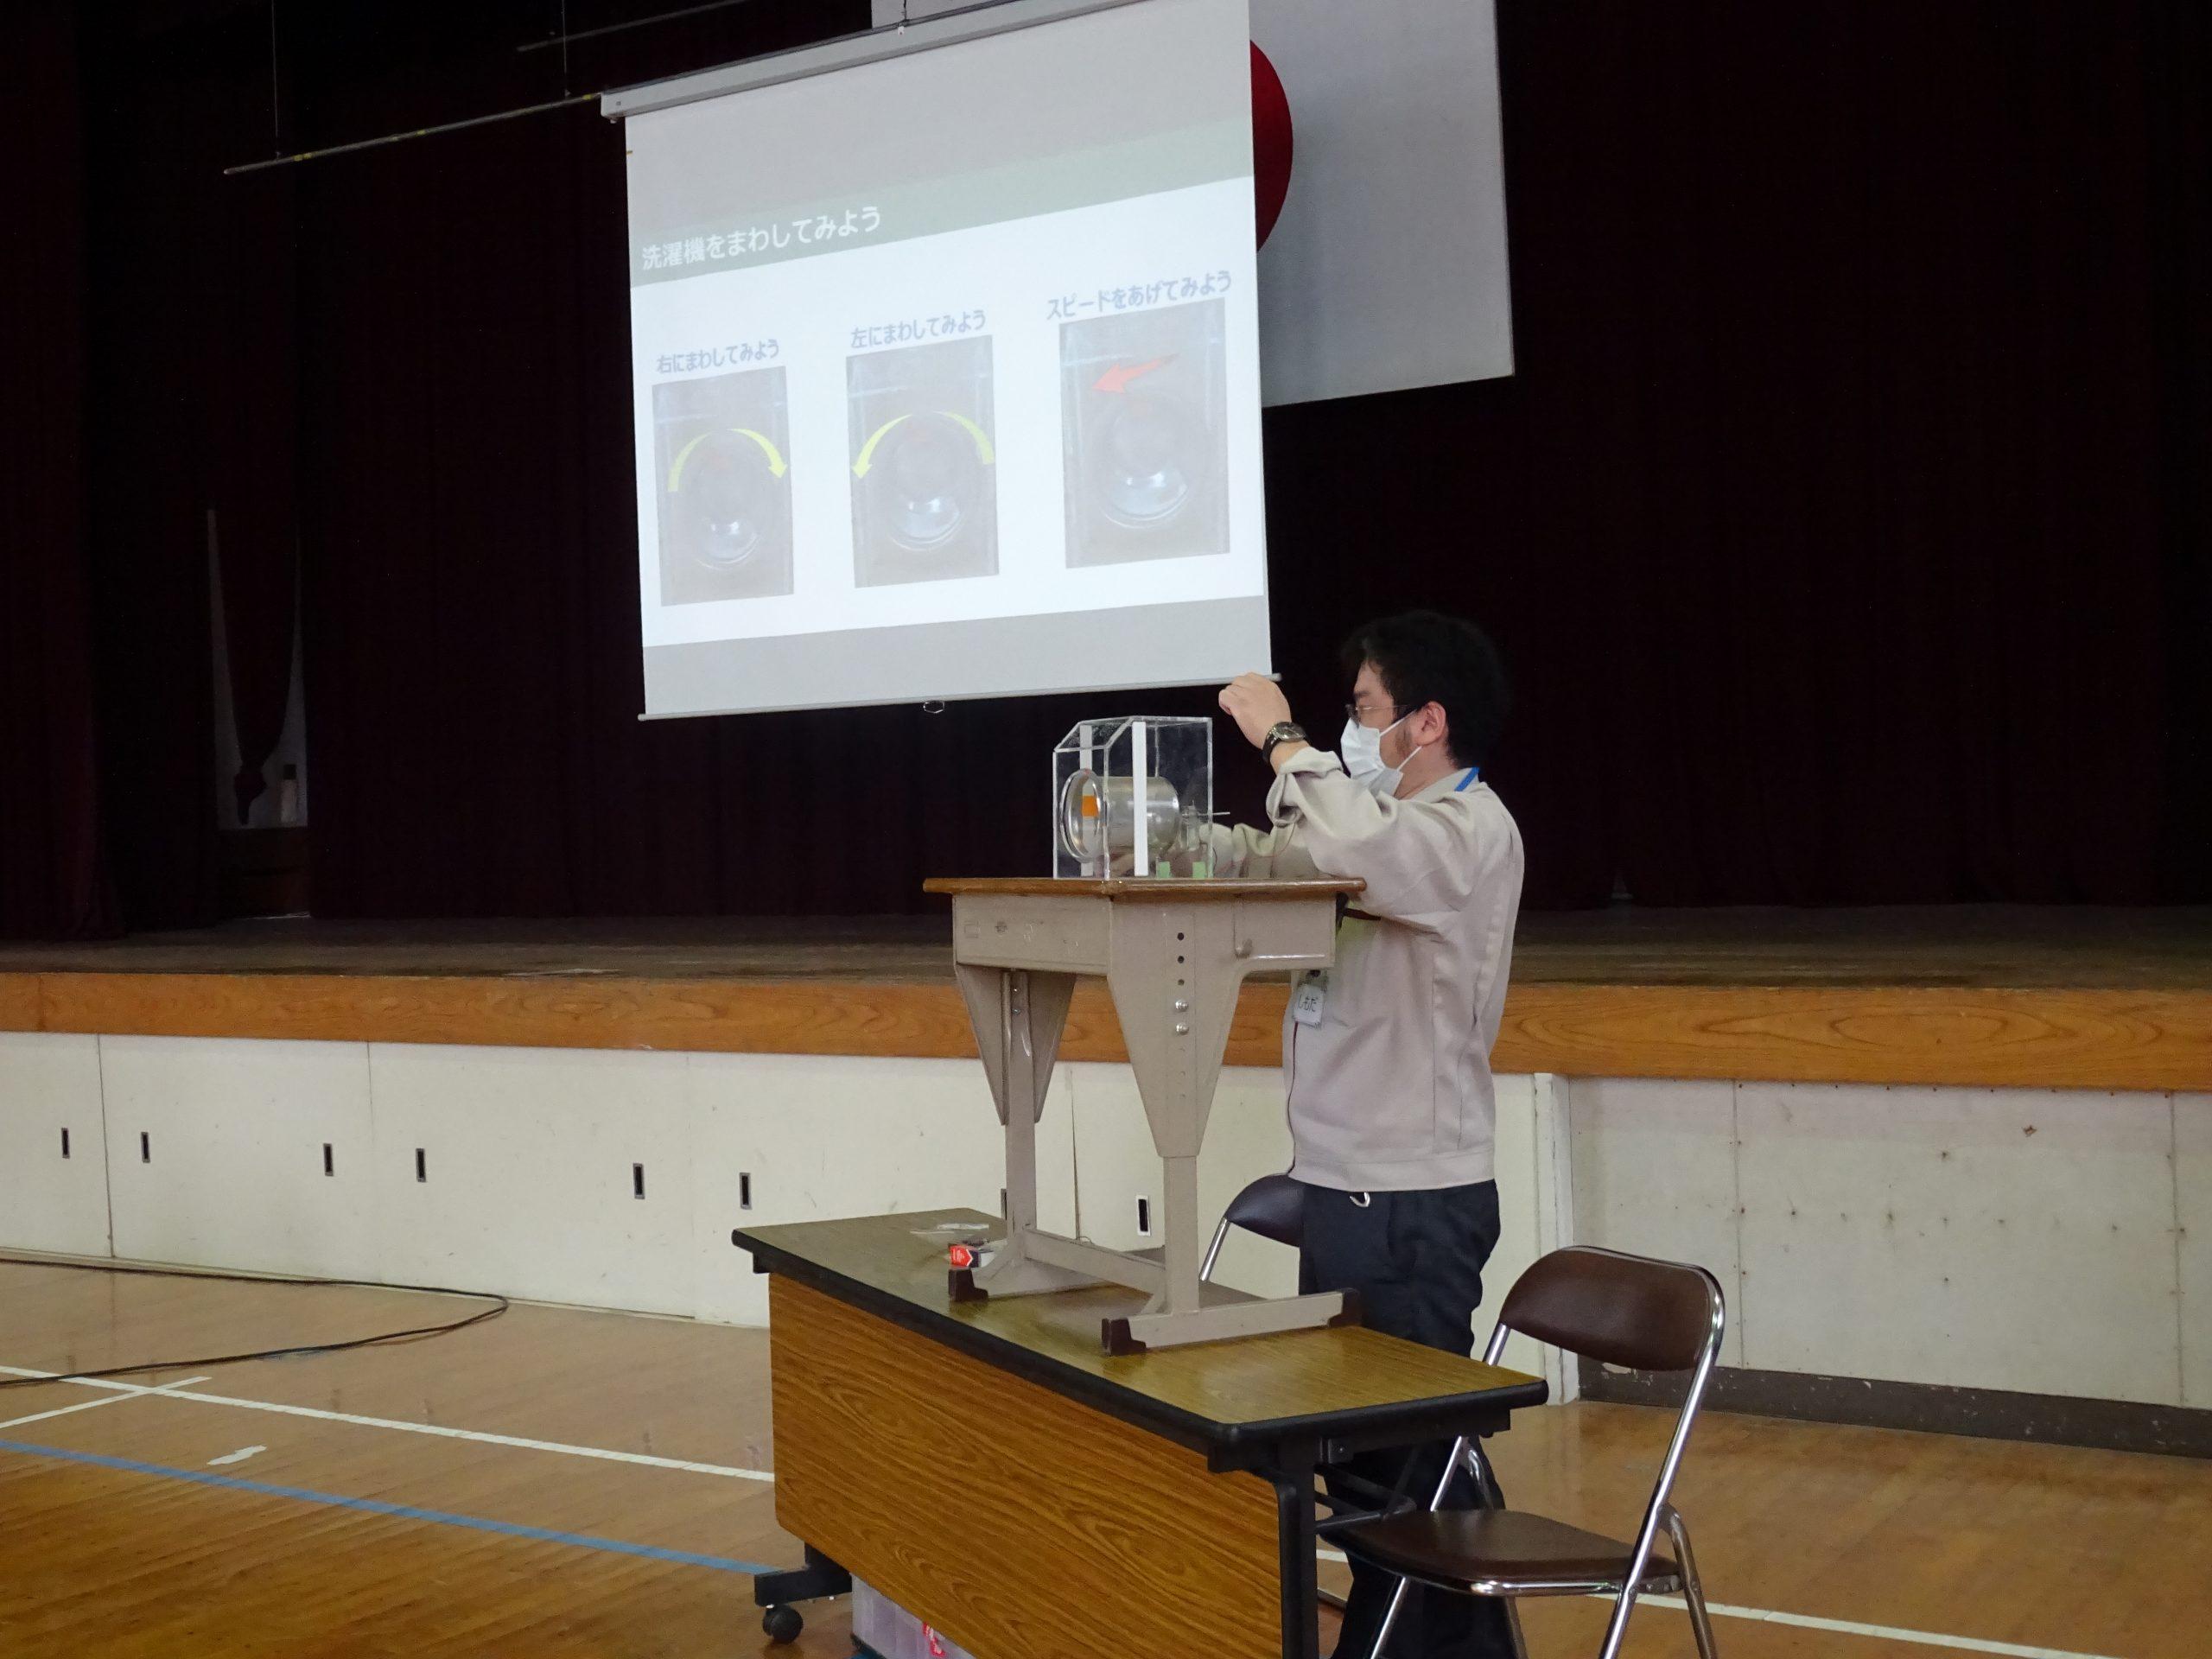 授業では製品のモックアップを使いながら半導体の役割を説明する